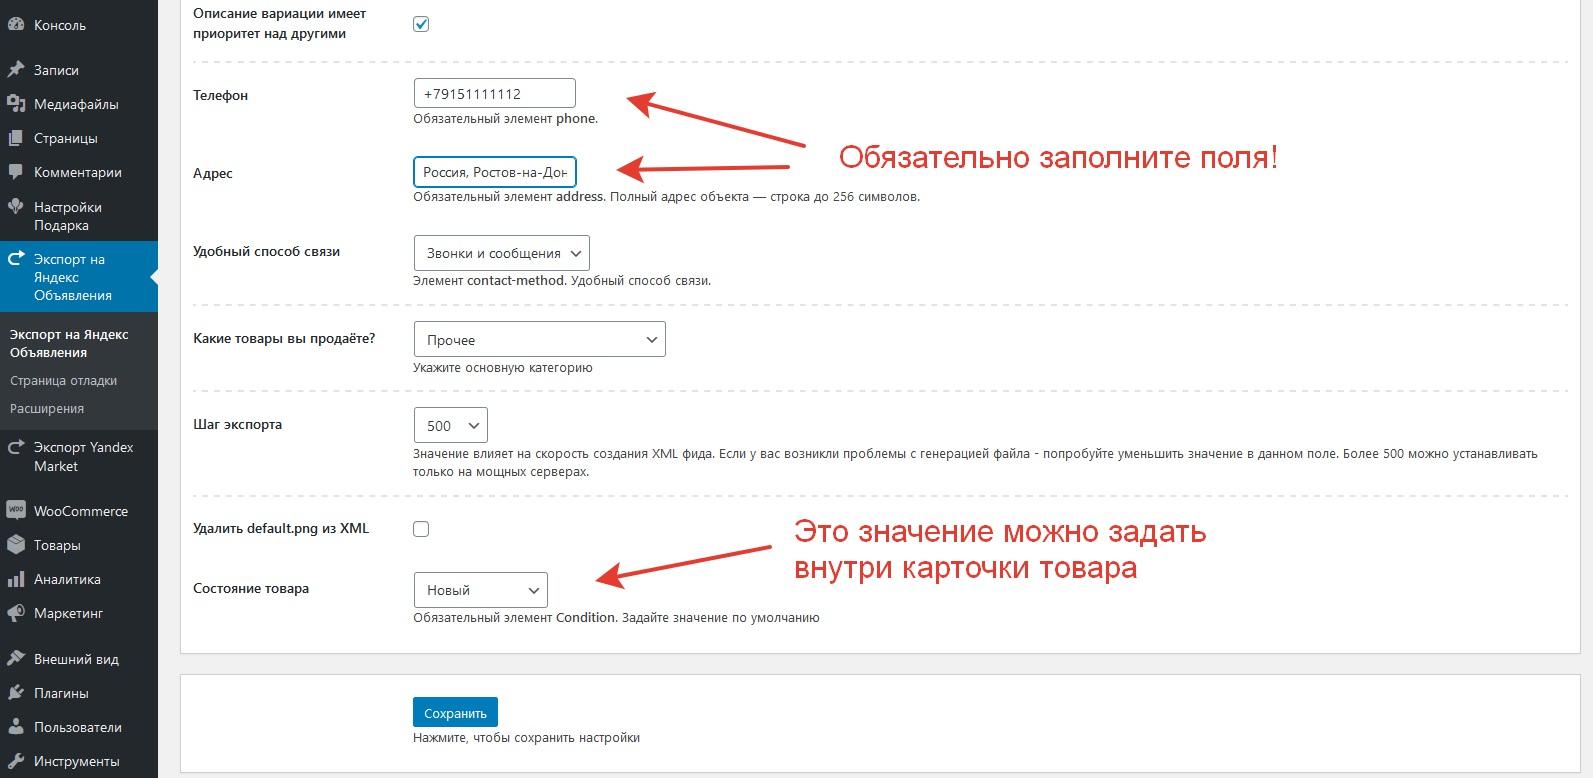 Как создать фид для Яндекс Объявления в вордпрес